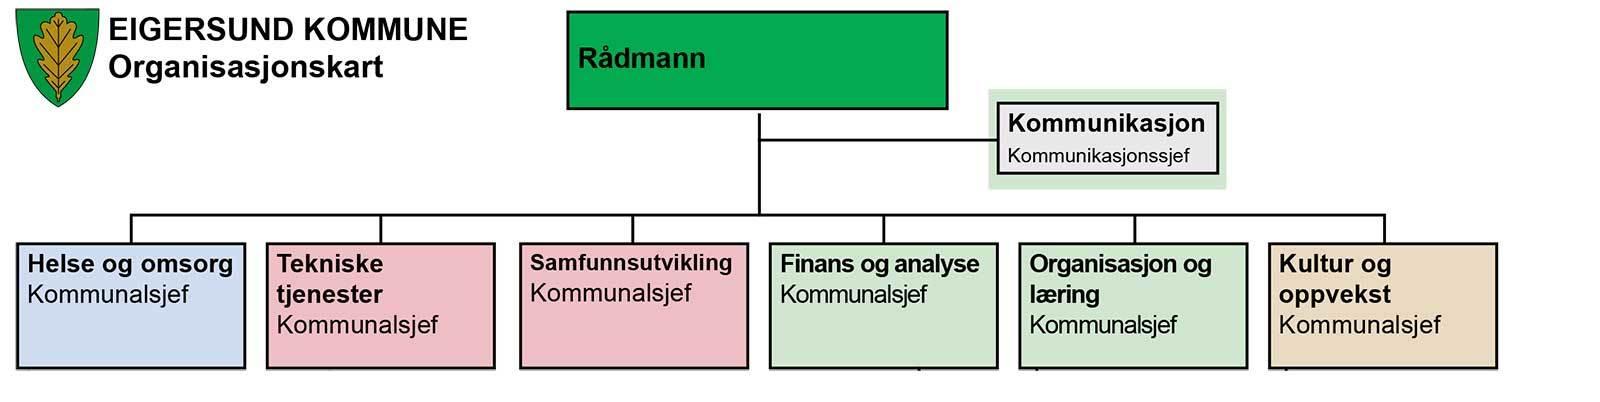 Organisasjonskart for ny struktur